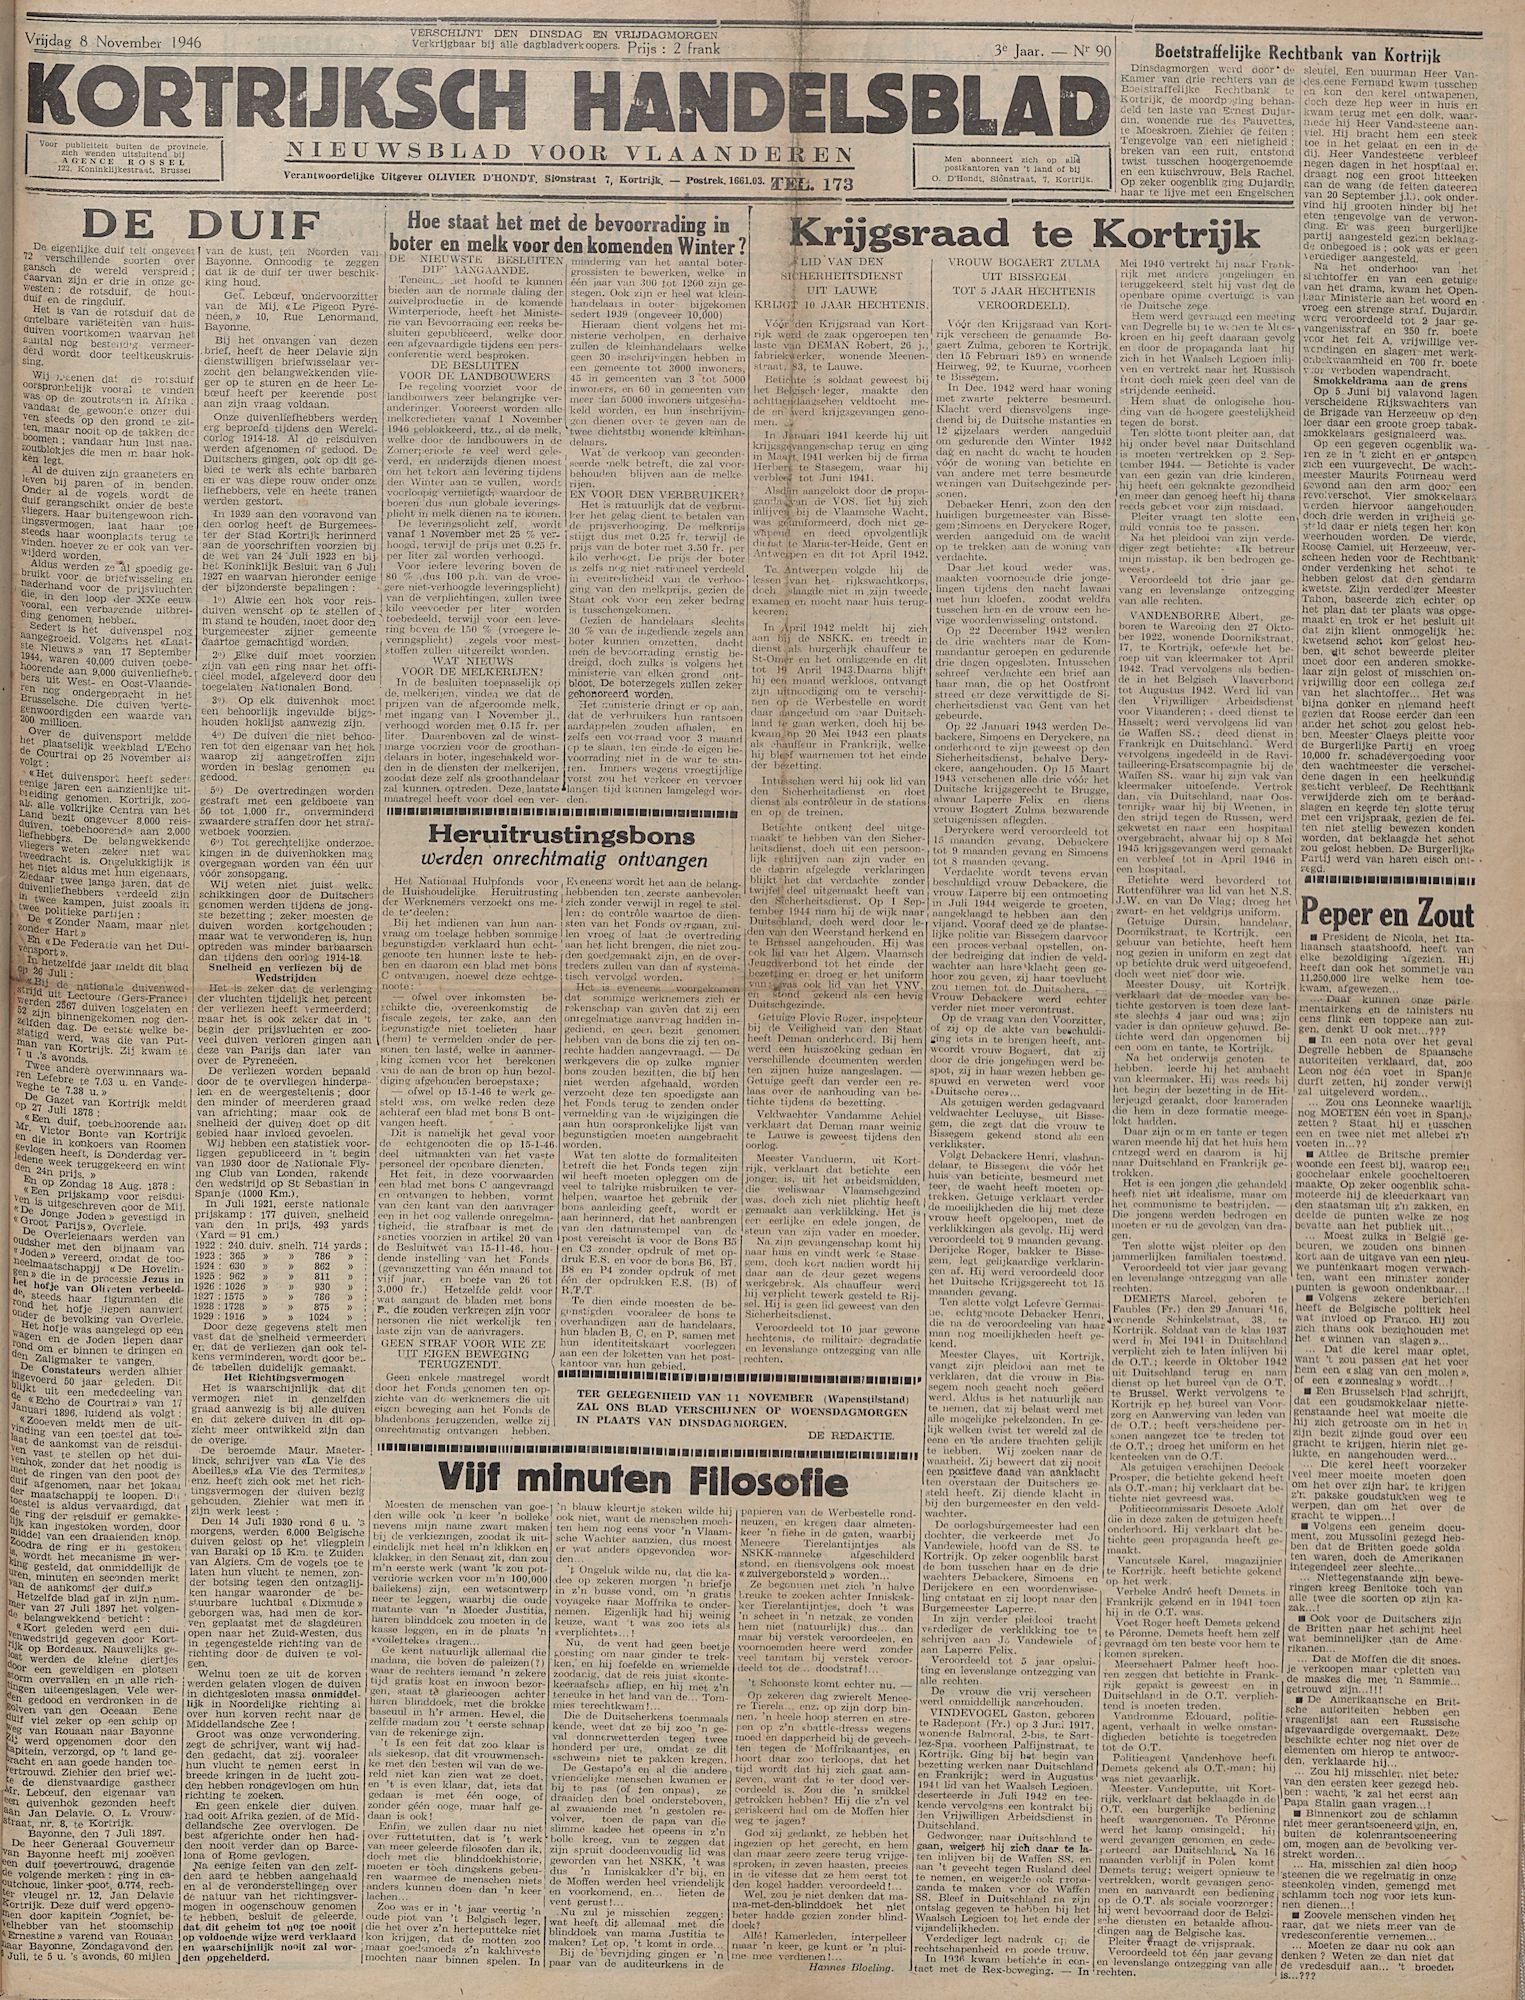 Kortrijksch Handelsblad 8 november 1946 Nr90 p1